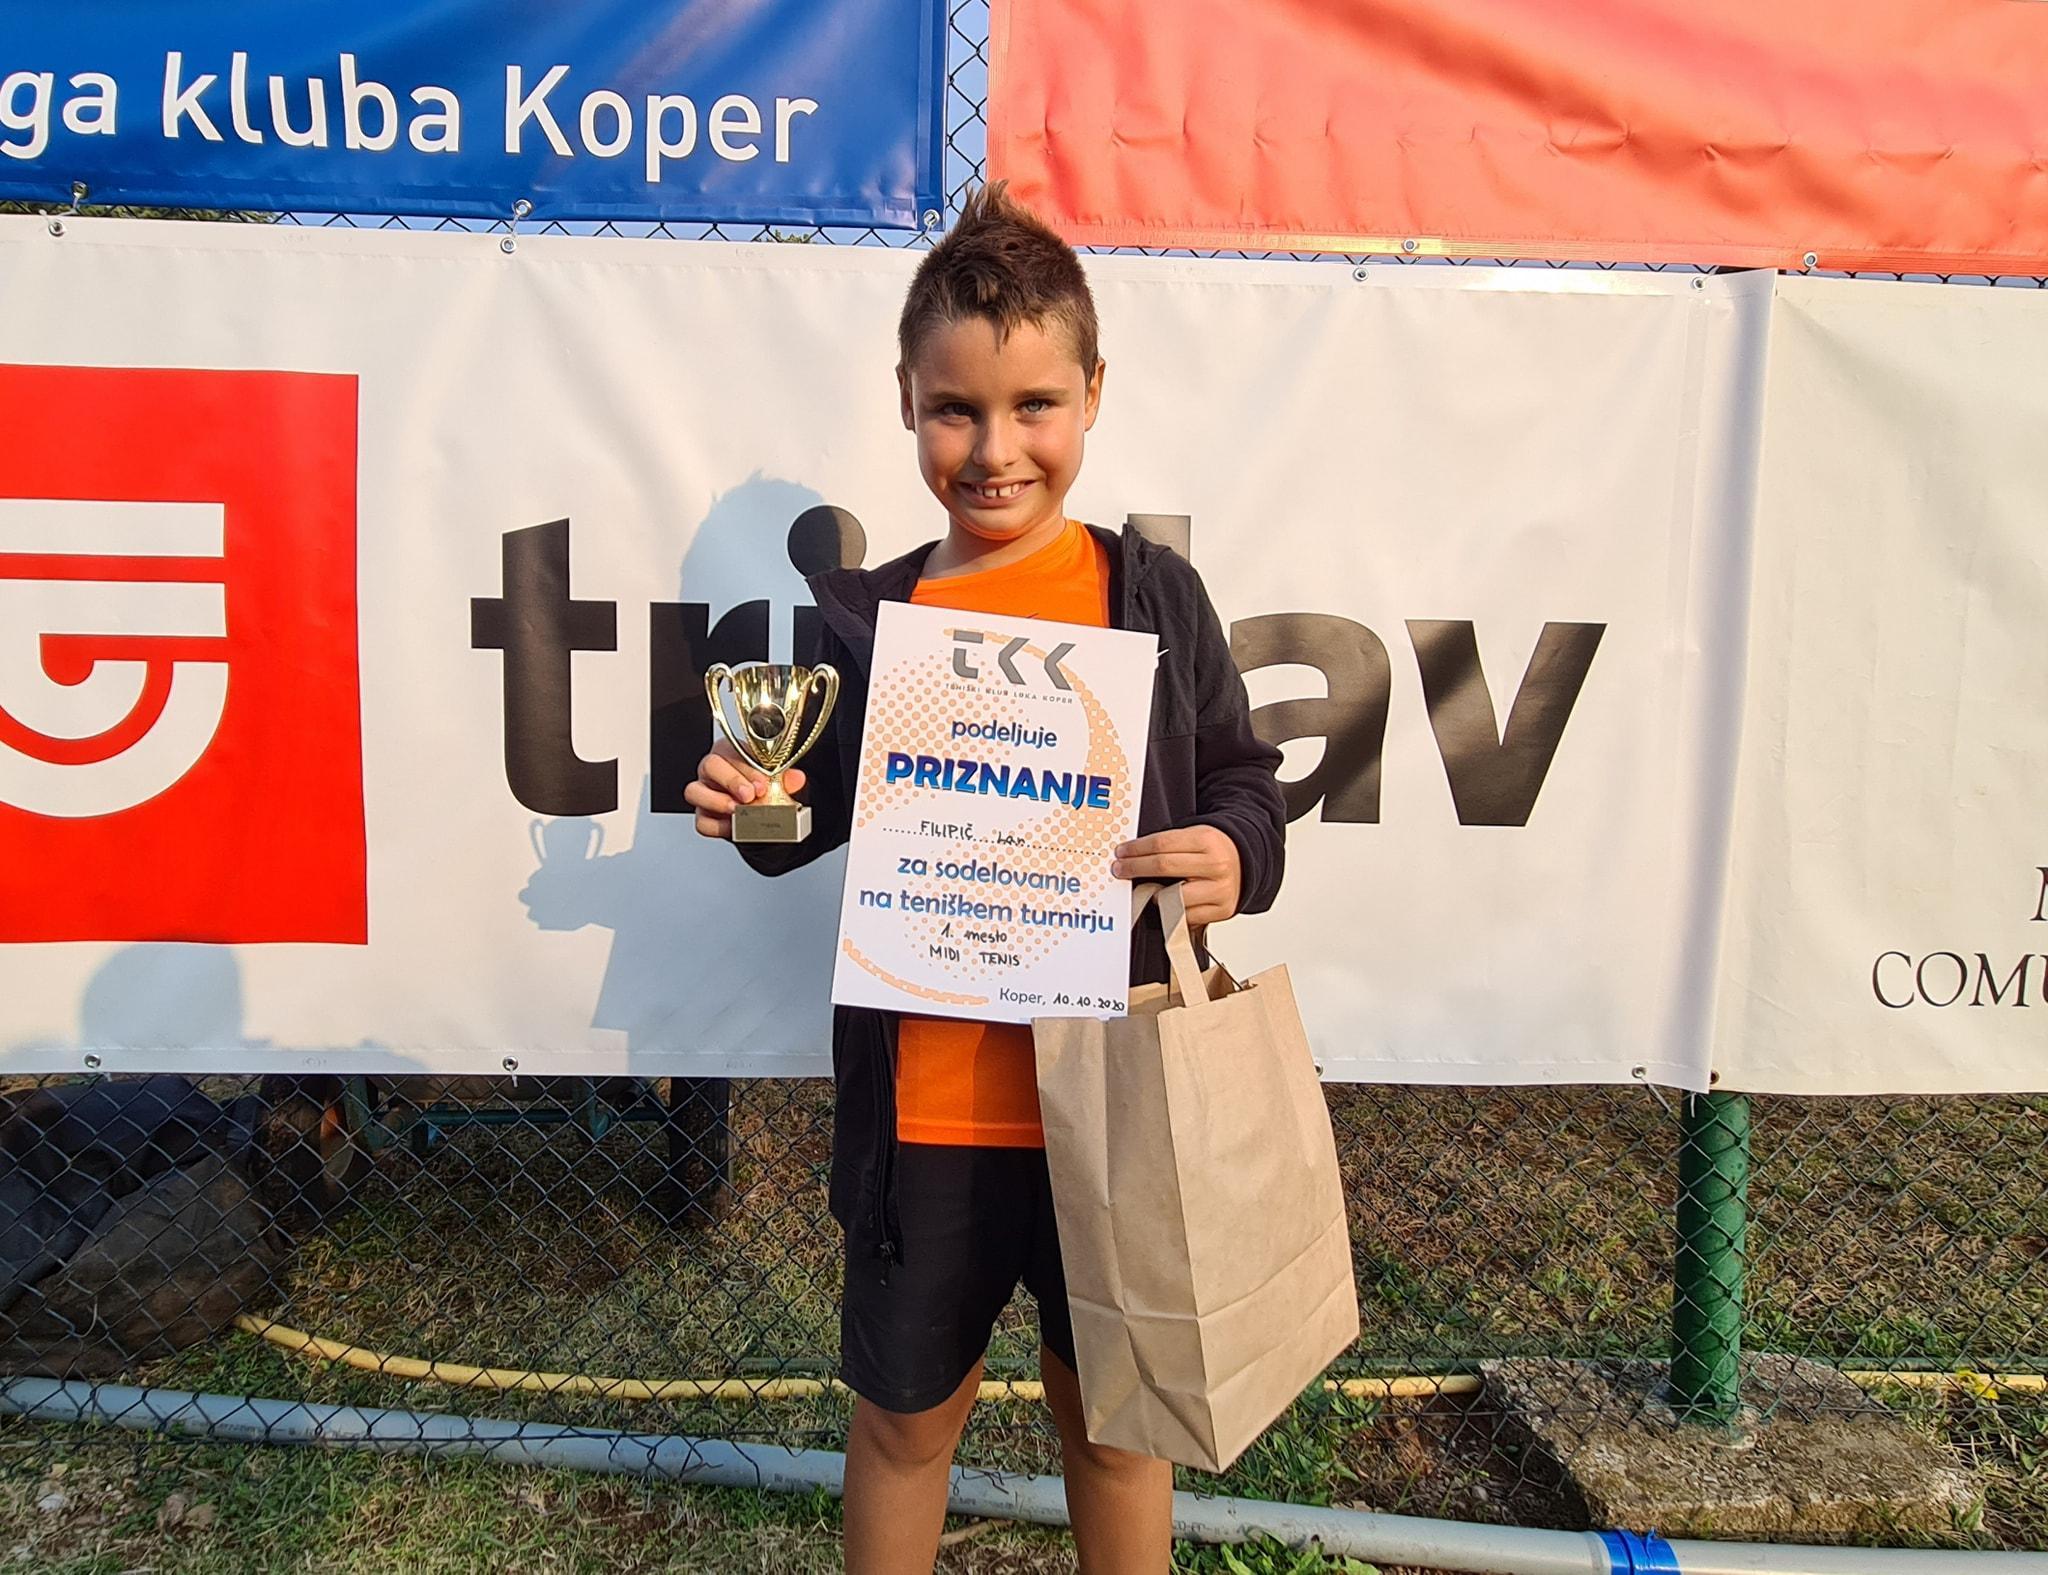 Lan Filipic - Na Mastersu Luka Koper Open 8-11 let je slavil Lan Filipič